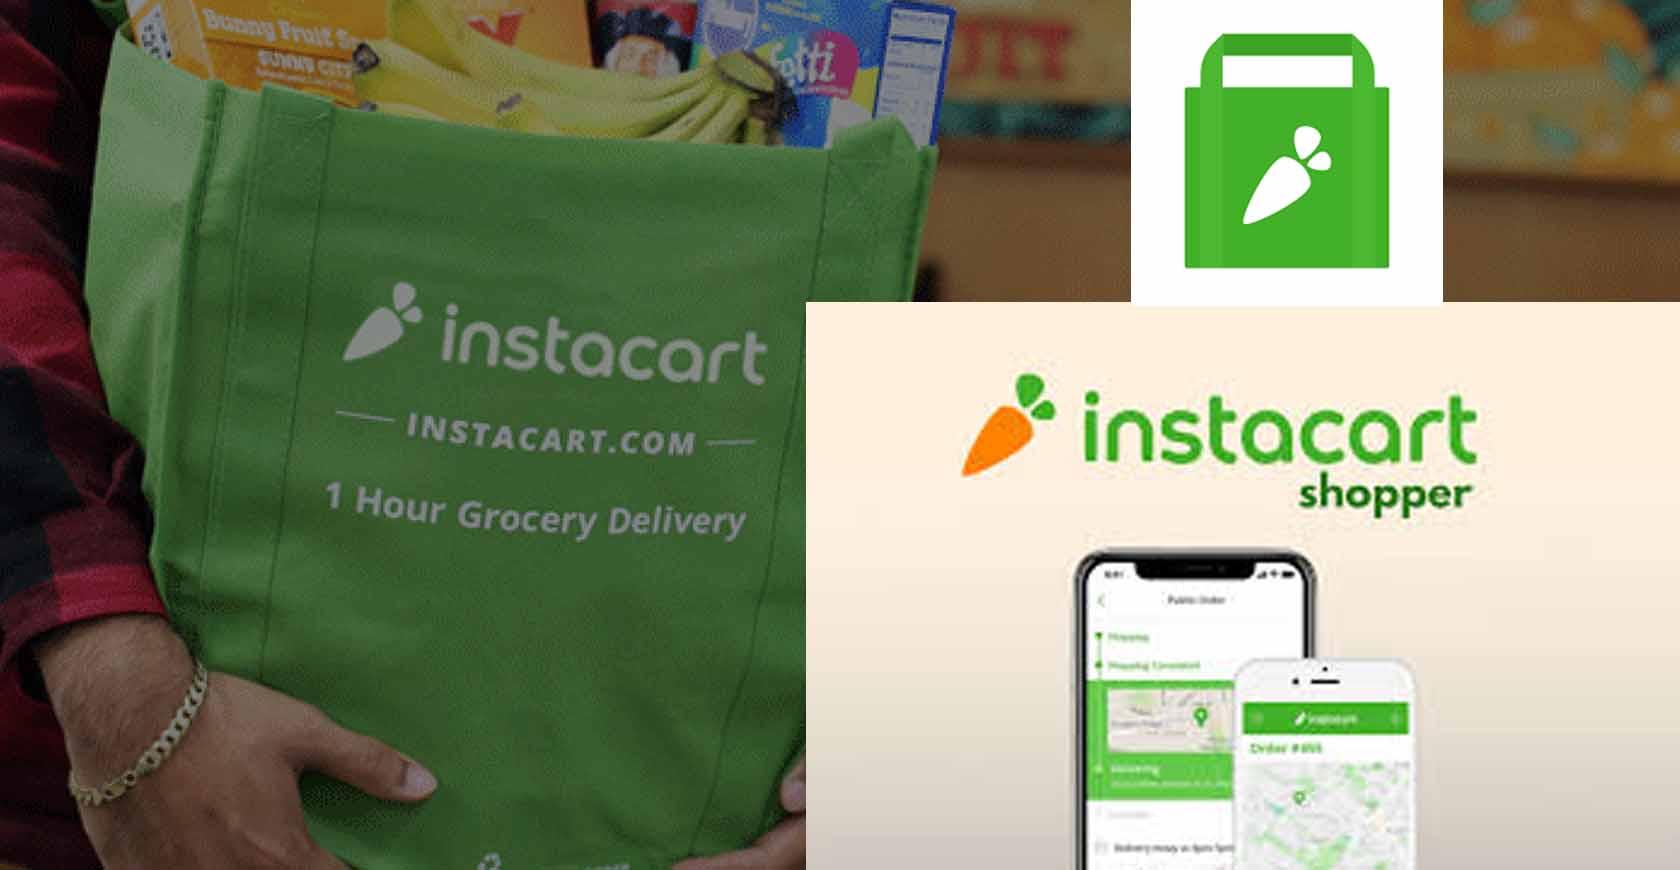 Instacart Shopper – How to Make Money as an Instacart Shopper | Instacart Jobs